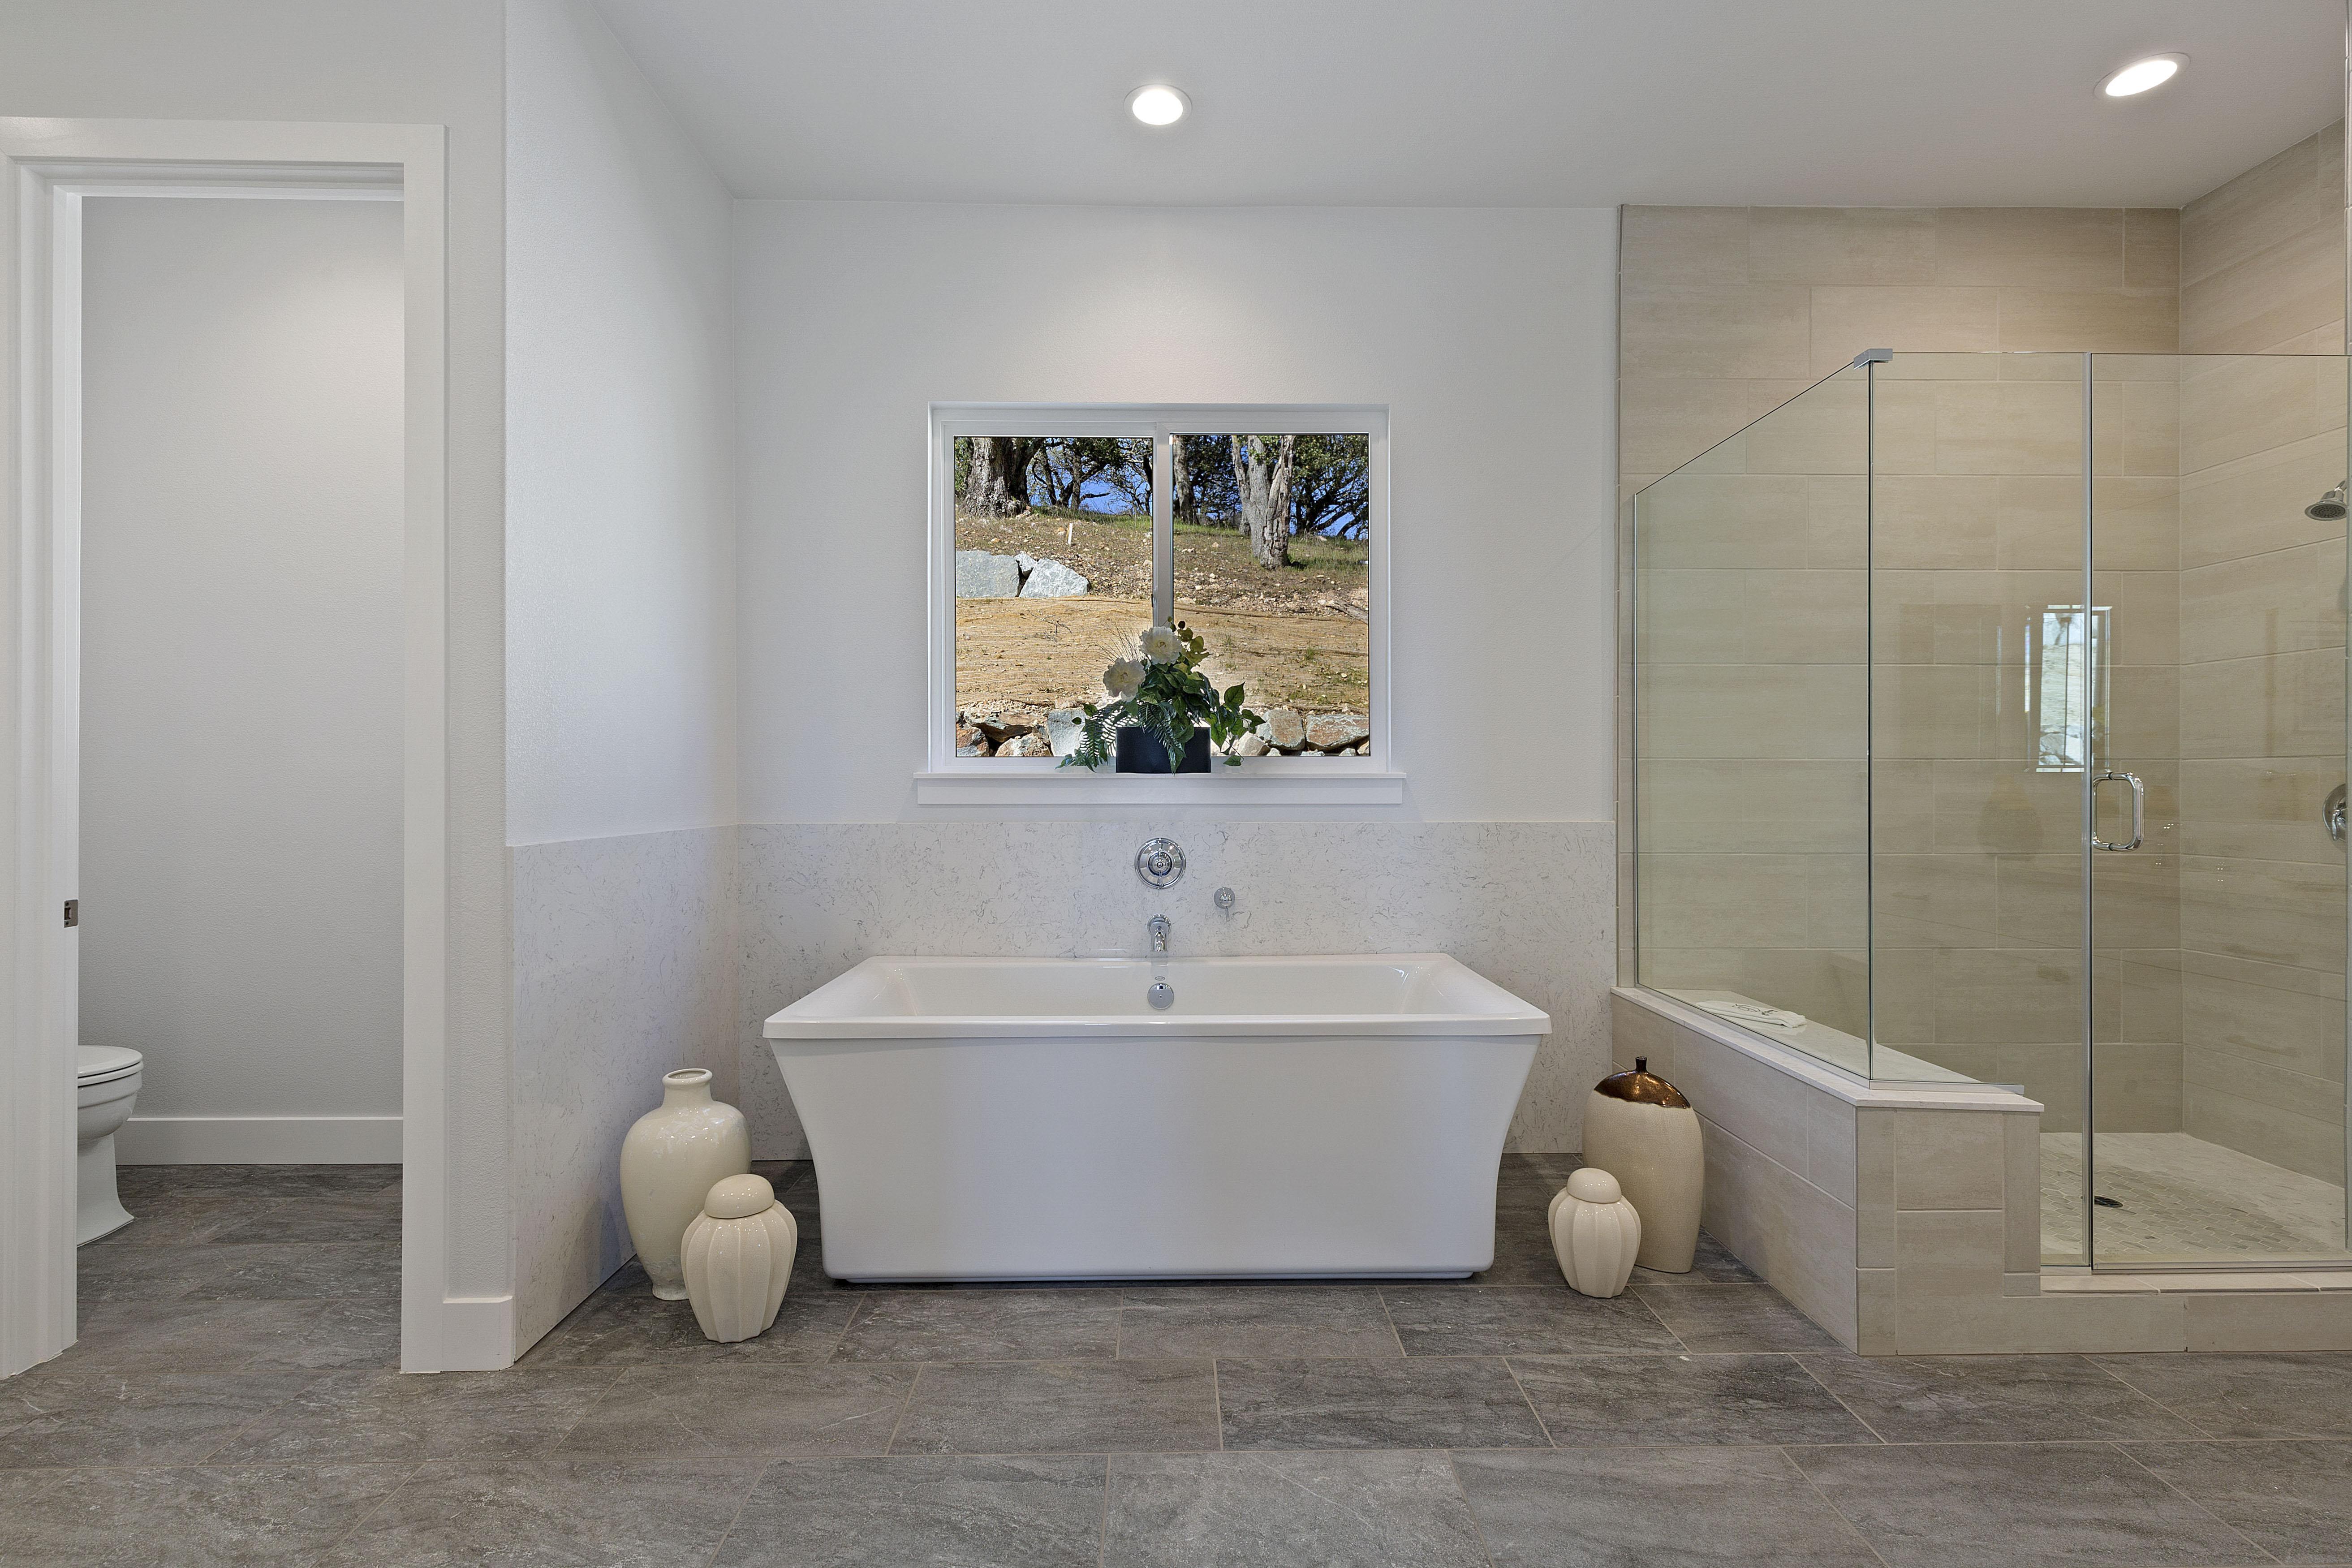 Shower room flooring   Elite Builder Services